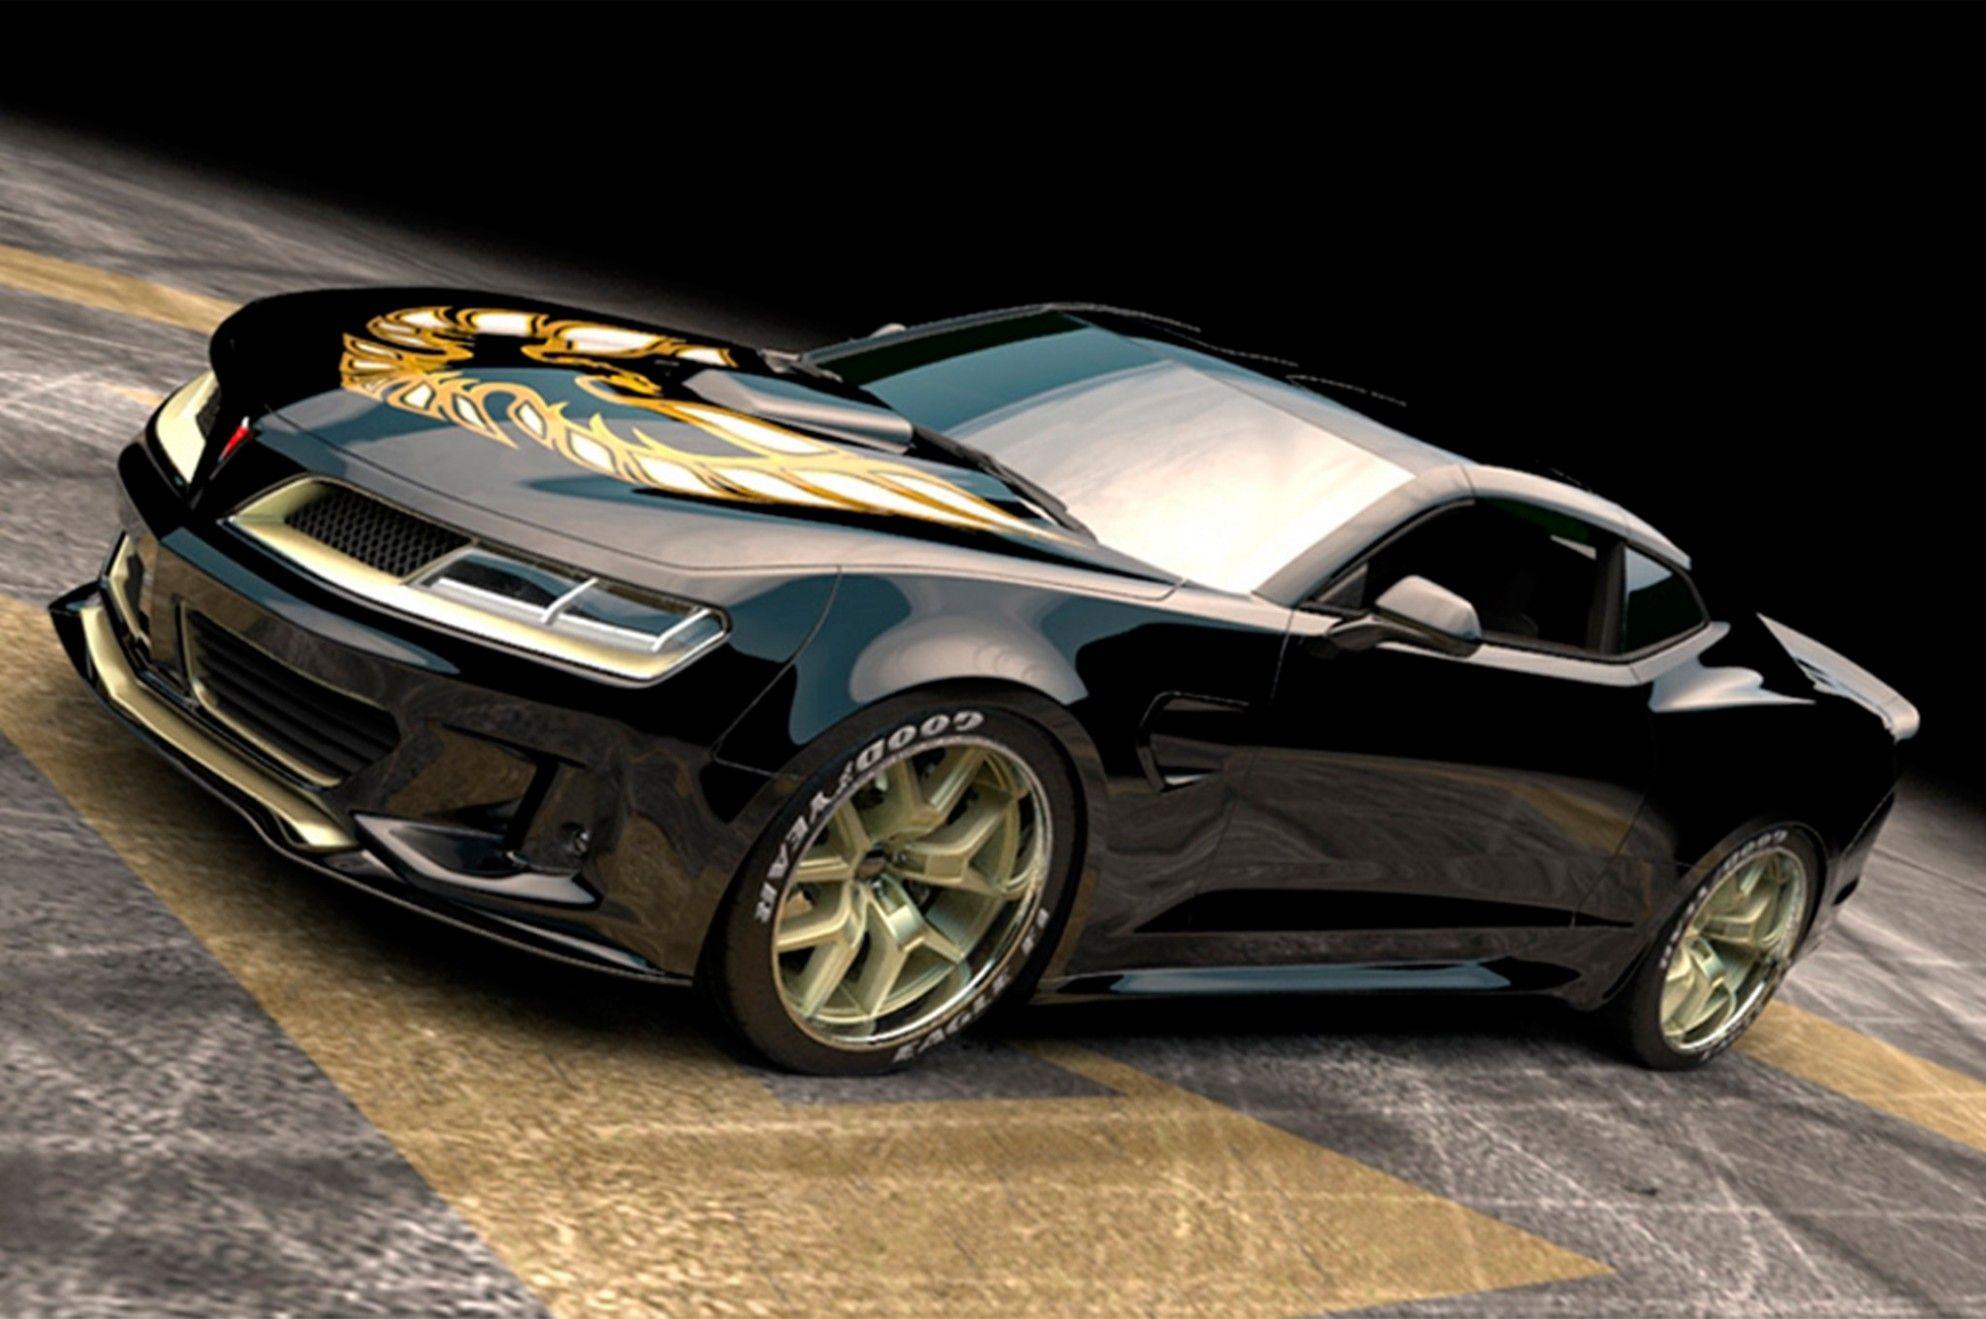 2020 Pontiac Trans Am New Concept